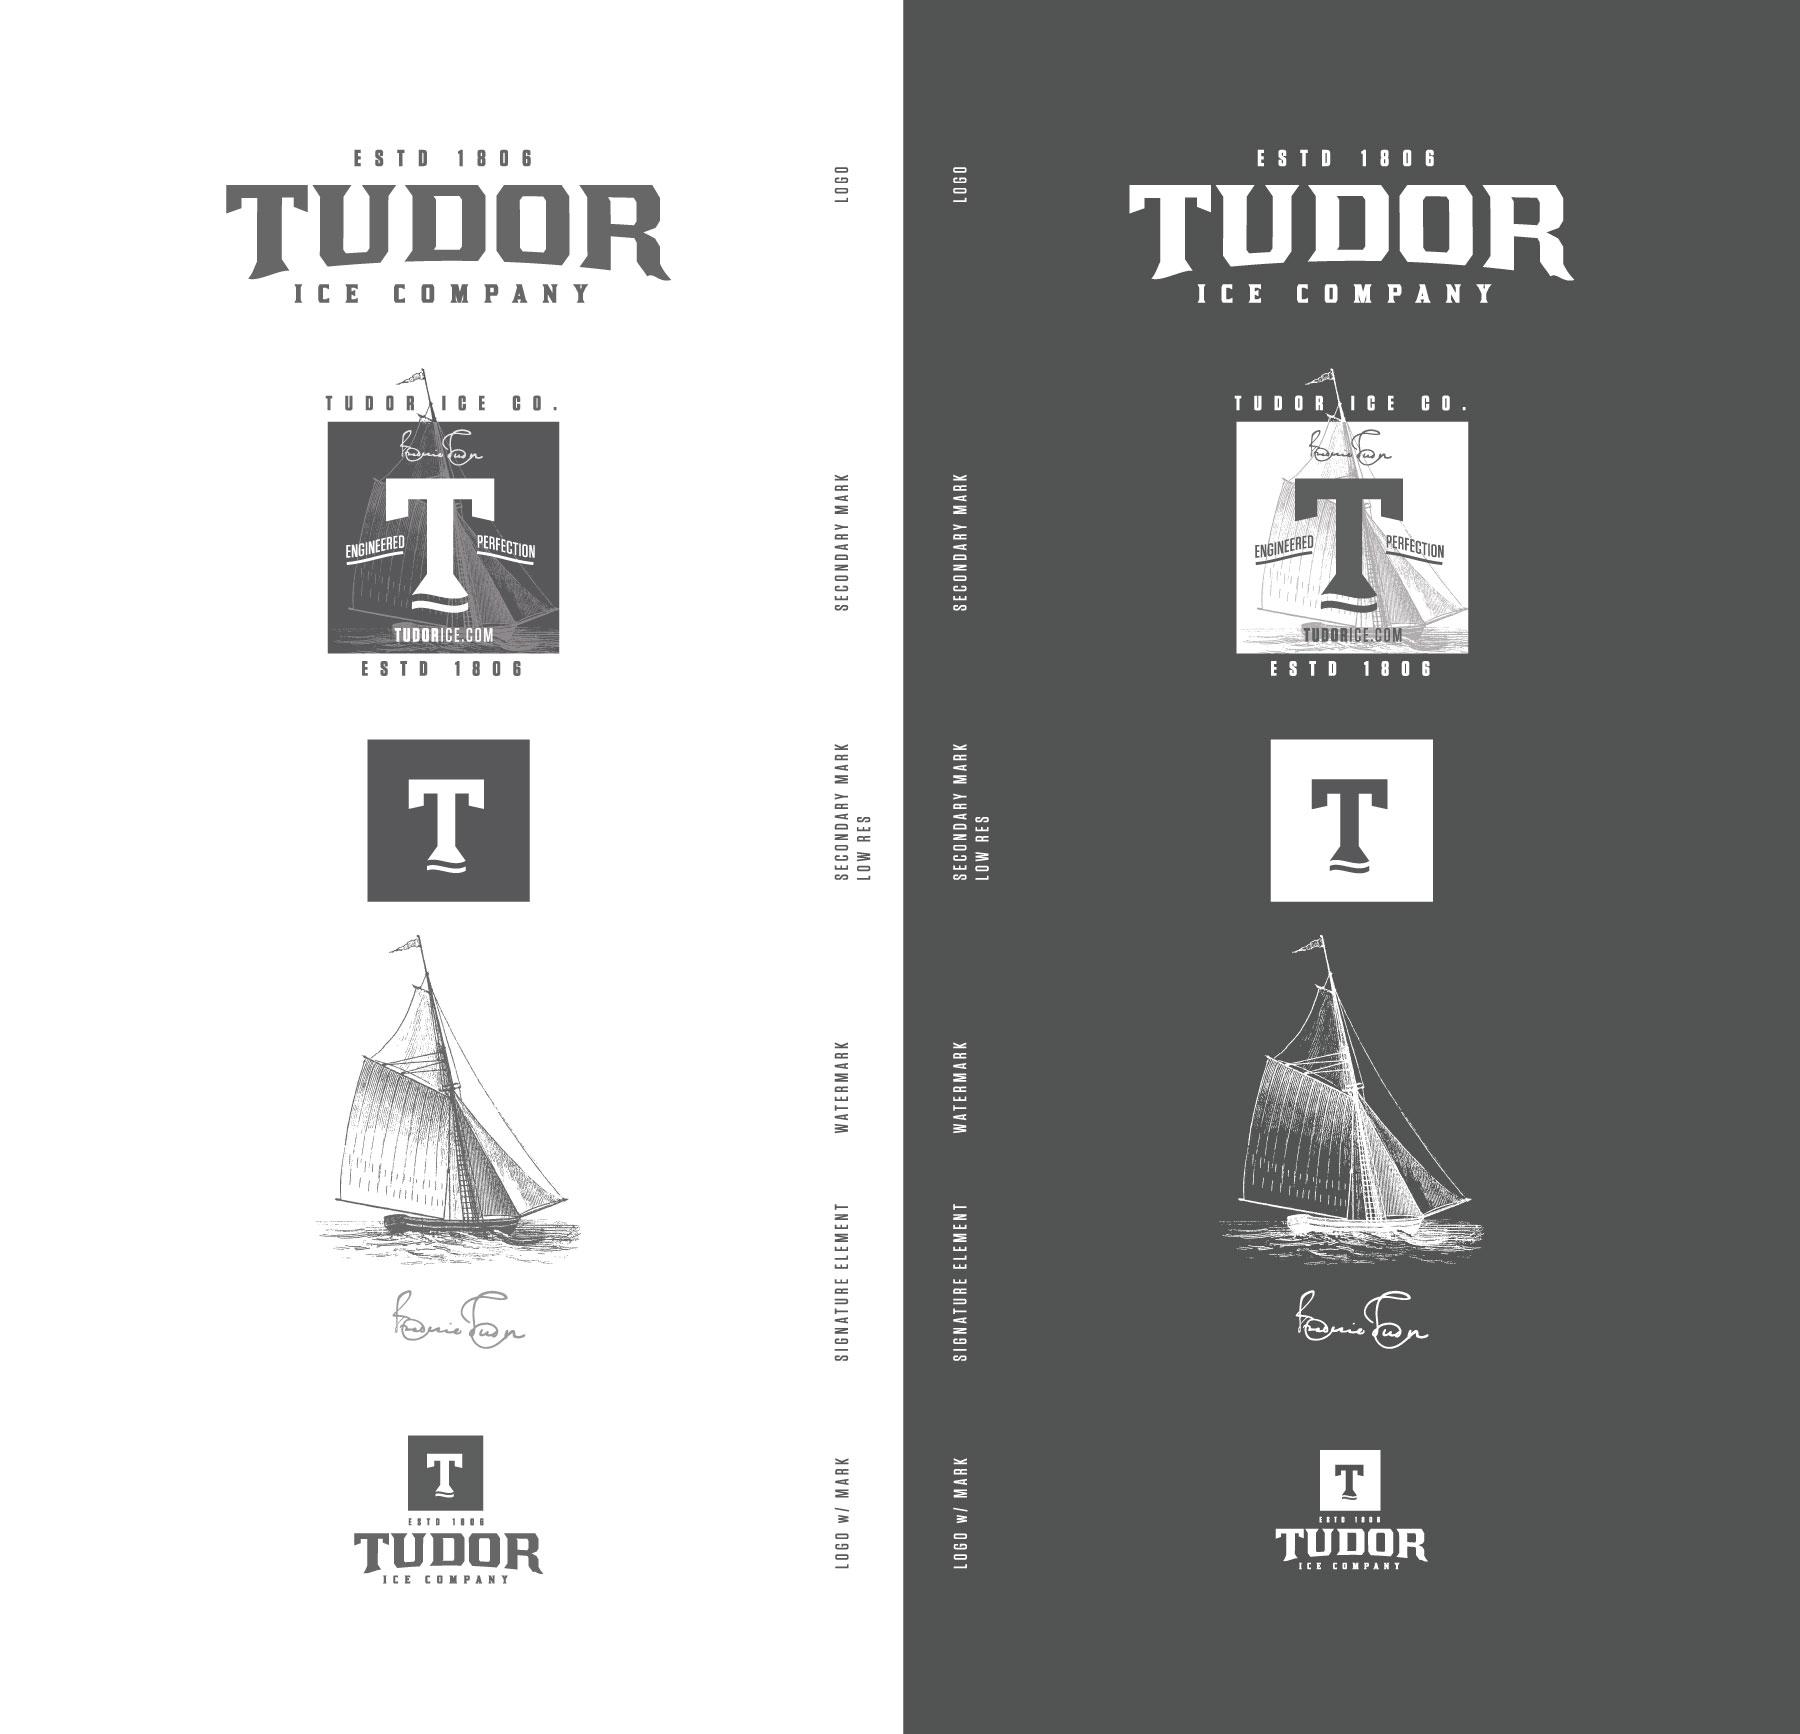 tudor_ice_logo